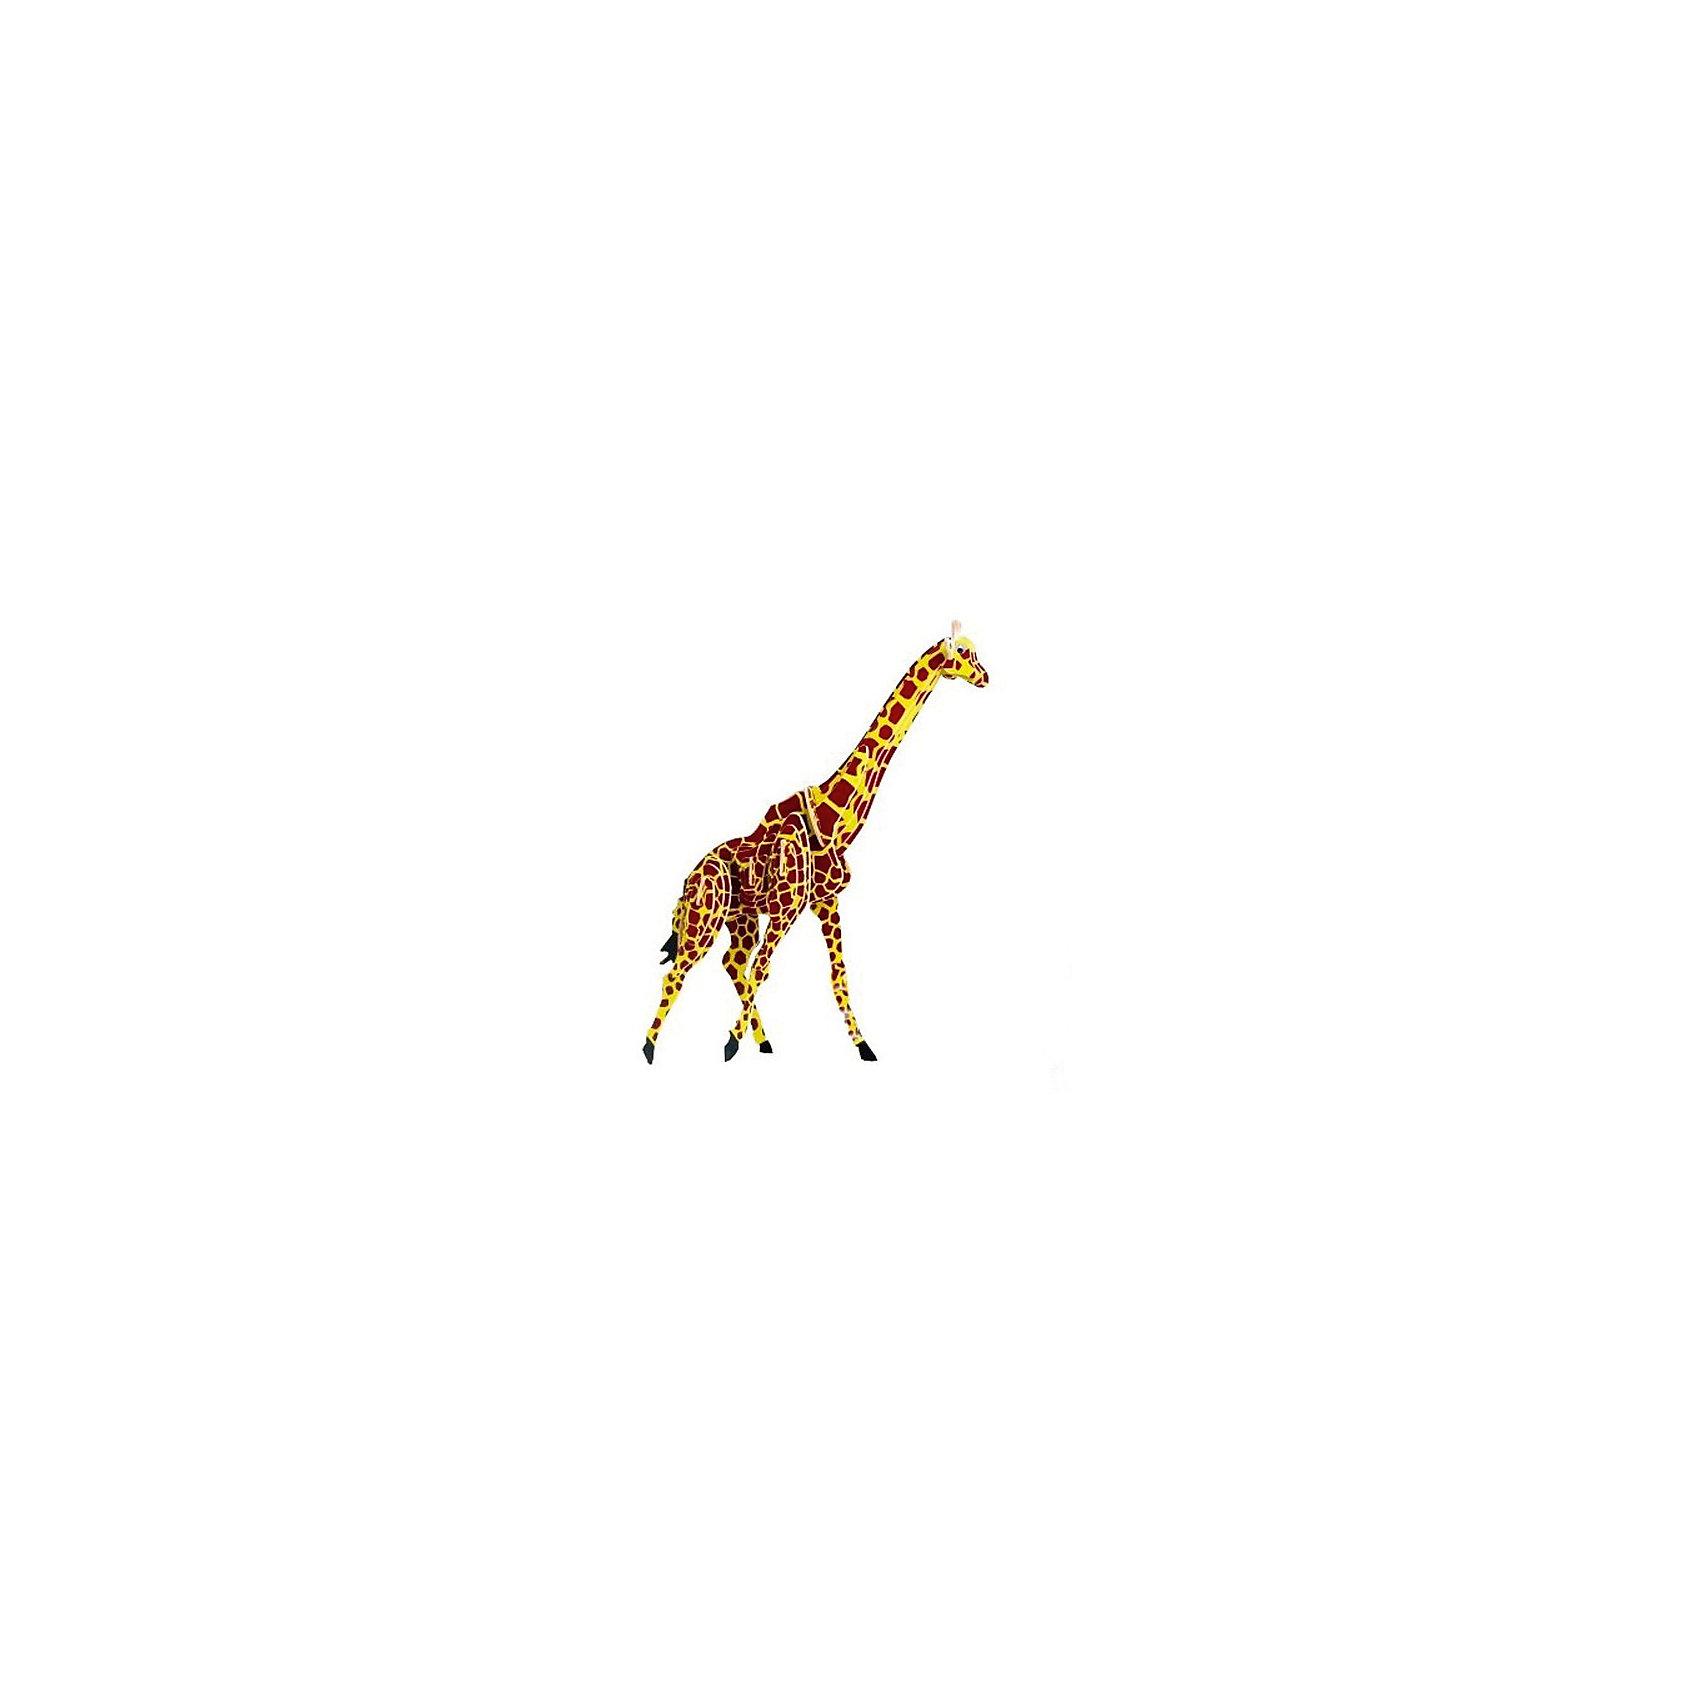 Жираф (серия М), Мир деревянных игрушекРазвивать свои способности ребенок может, сам собирая деревянные фигуры! Специально для любящих творчество и интересующихся животным миром были разработаны эти 3D-пазлы. Из них получаются красивые очень реалистичные фигуры, которые могут стать украшением комнаты. Для этого нужно выдавить из пластины с деталями элементы для сборки и соединить их. <br>Собирая их, ребенок будет учиться соотносить фигуры, развивать пространственное мышление, память и мелкую моторику. А раскрашивая готовое произведение, дети научатся подбирать цвета и будут развивать художественные навыки. Этот набор произведен из качественных и безопасных для детей материалов - дерево тщательно обработано.<br><br>Дополнительная информация:<br><br>материал: дерево;<br>цвет: бежевый;<br>элементы: пластины с деталями для сборки;<br>размер упаковки: 23 х 18 см.<br><br>3D-пазл Жираф (серия М) от бренда Мир деревянных игрушек можно купить в нашем магазине.<br><br>Ширина мм: 225<br>Глубина мм: 30<br>Высота мм: 180<br>Вес г: 450<br>Возраст от месяцев: 36<br>Возраст до месяцев: 144<br>Пол: Унисекс<br>Возраст: Детский<br>SKU: 4969073